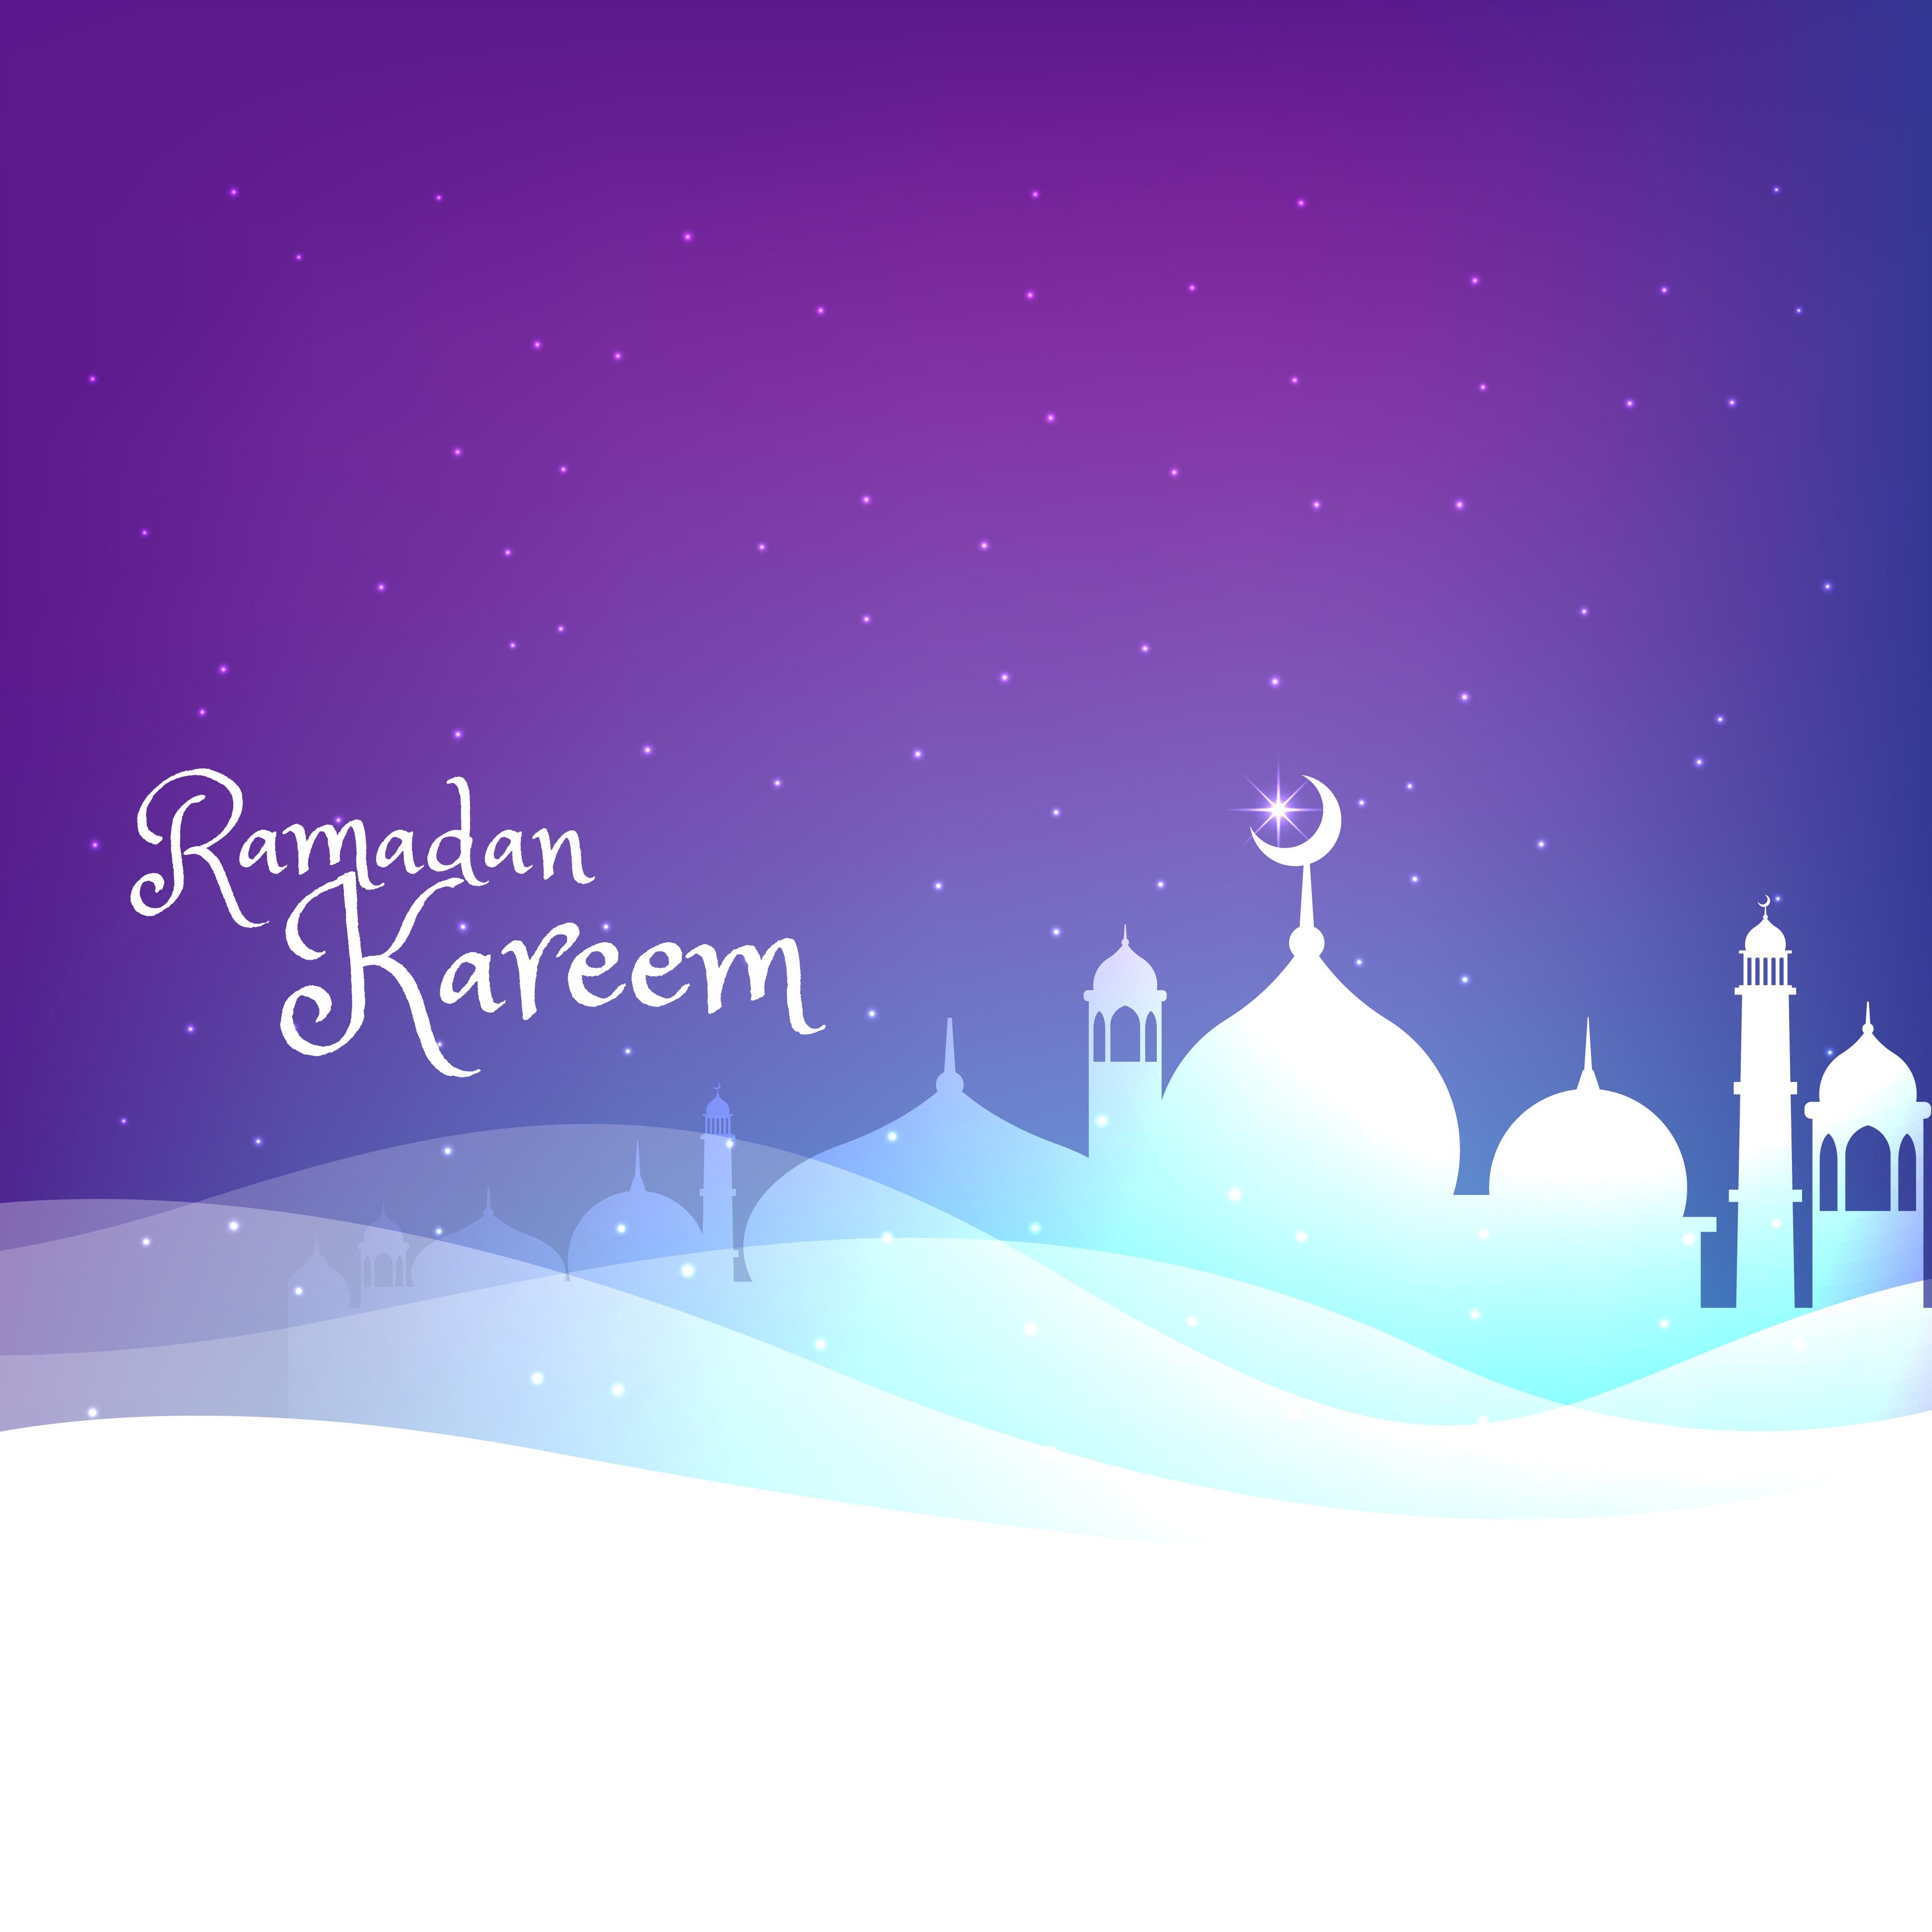 ramadan kareem greeting card download free vector art